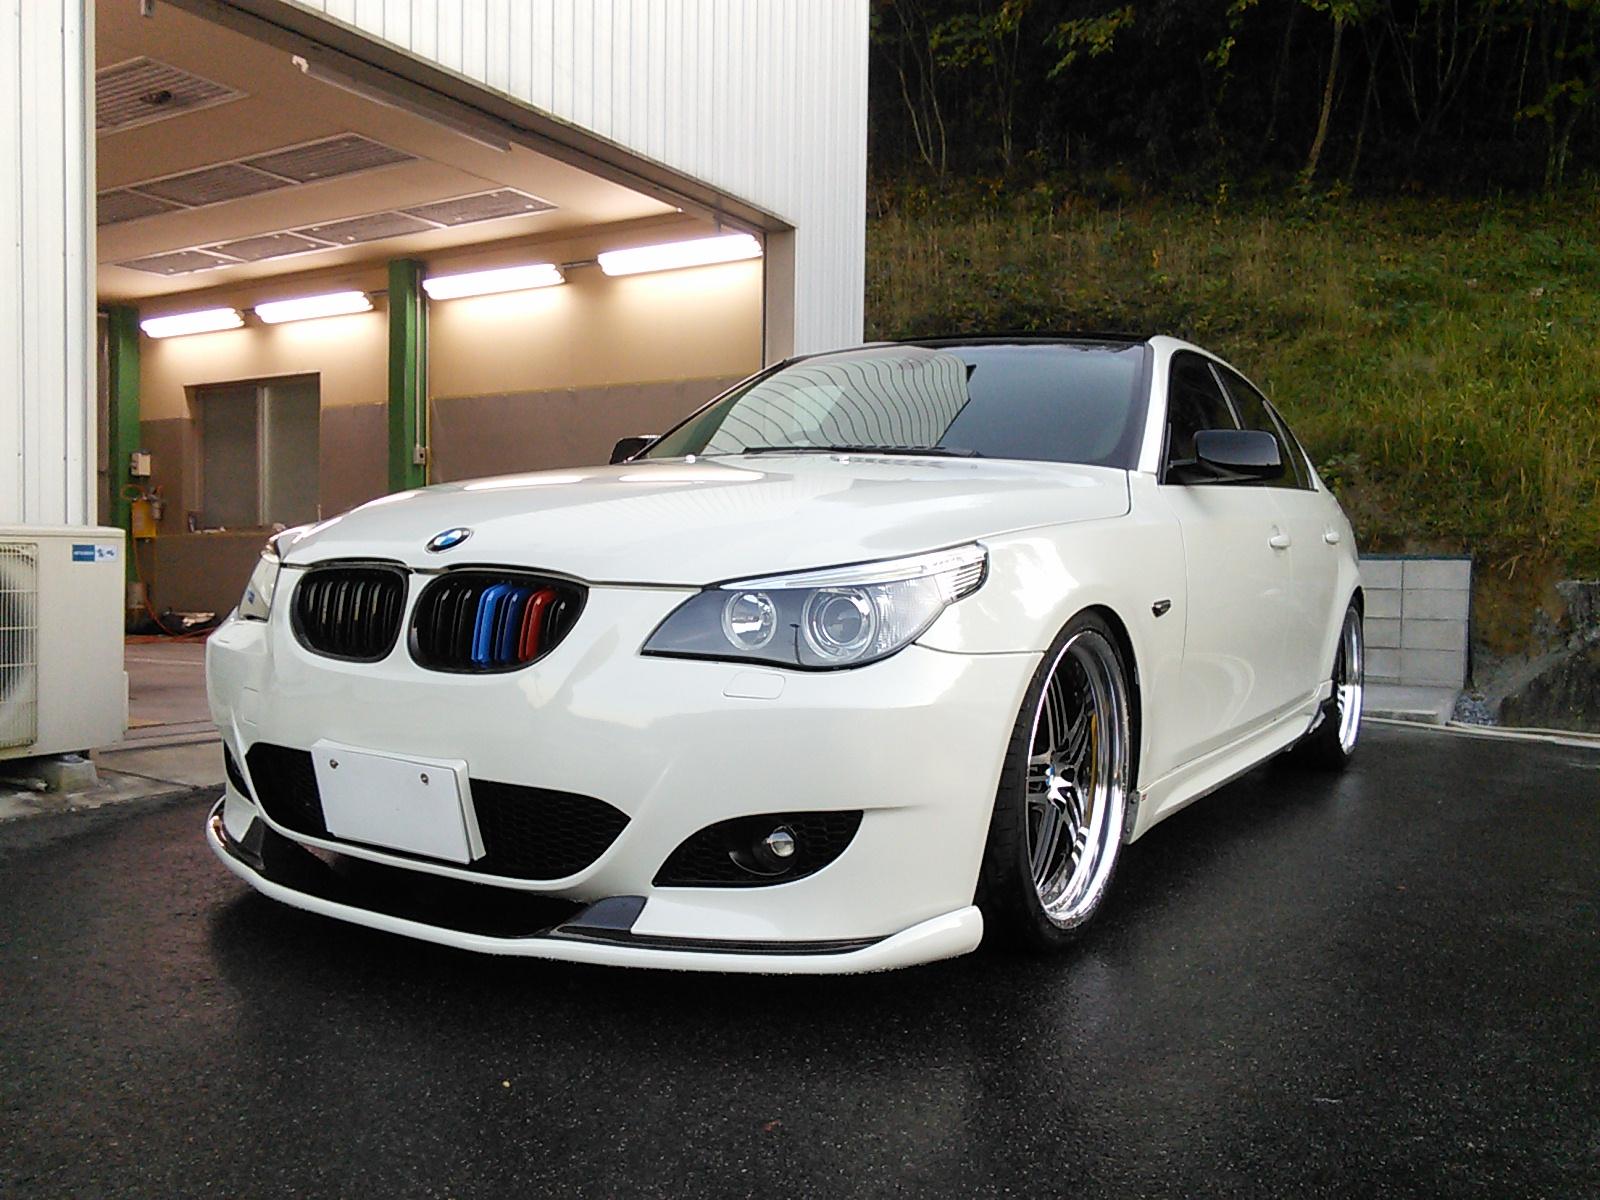 BMW  5シリーズ 事故修理ついでにドレスアップ カスタム  豊田市  板金塗装